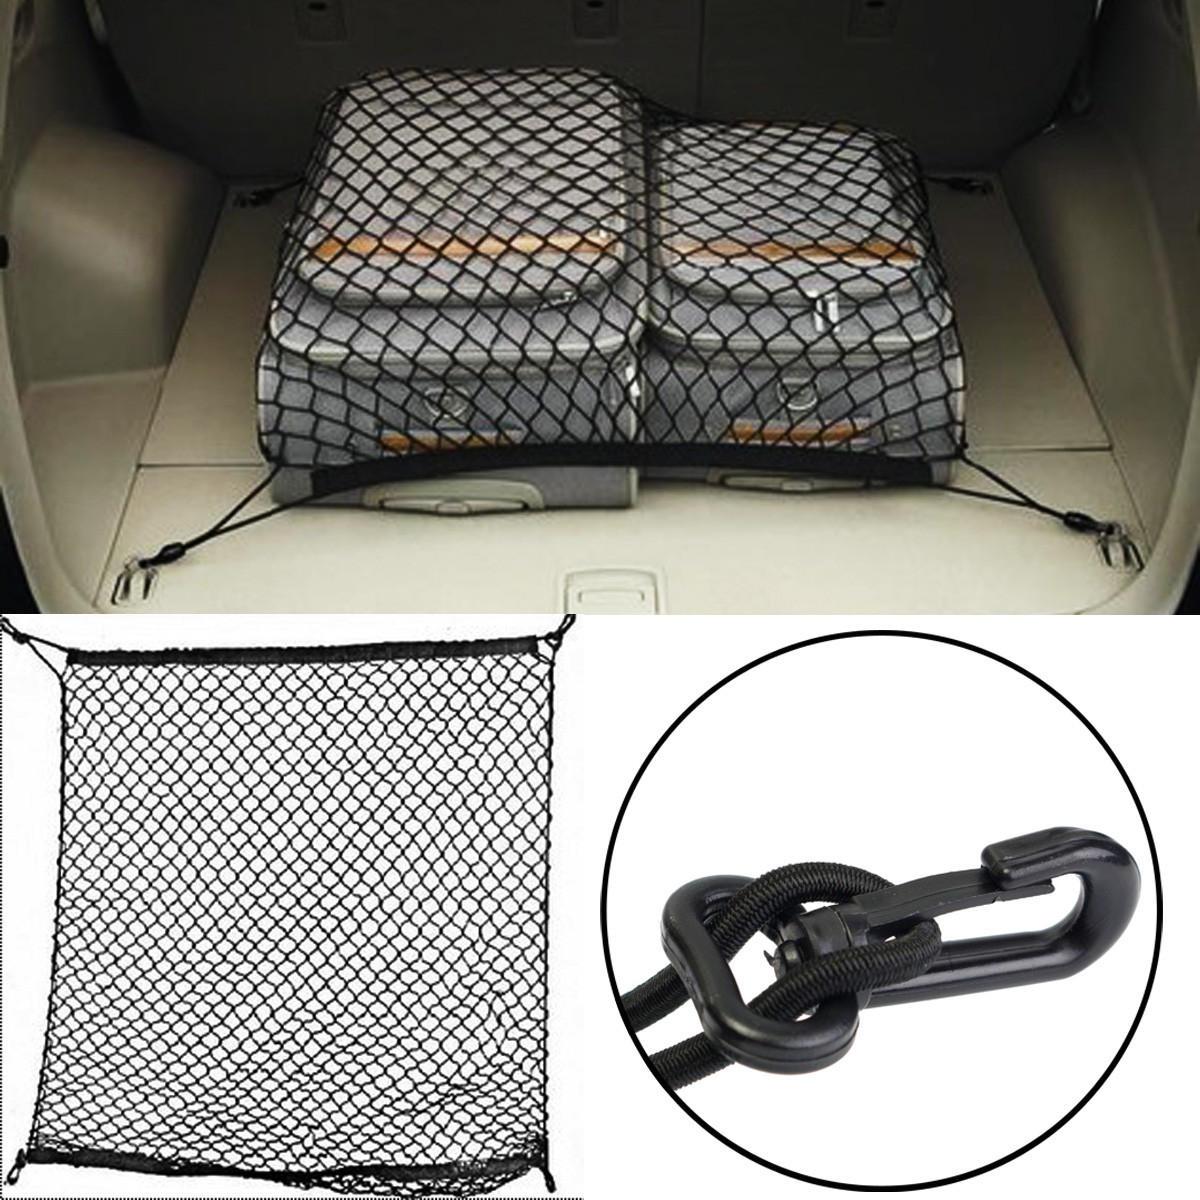 Carro Universal Cargo arrumado Bota Net Bag Tronco Organizador de Armazenamento Bolsa SUV